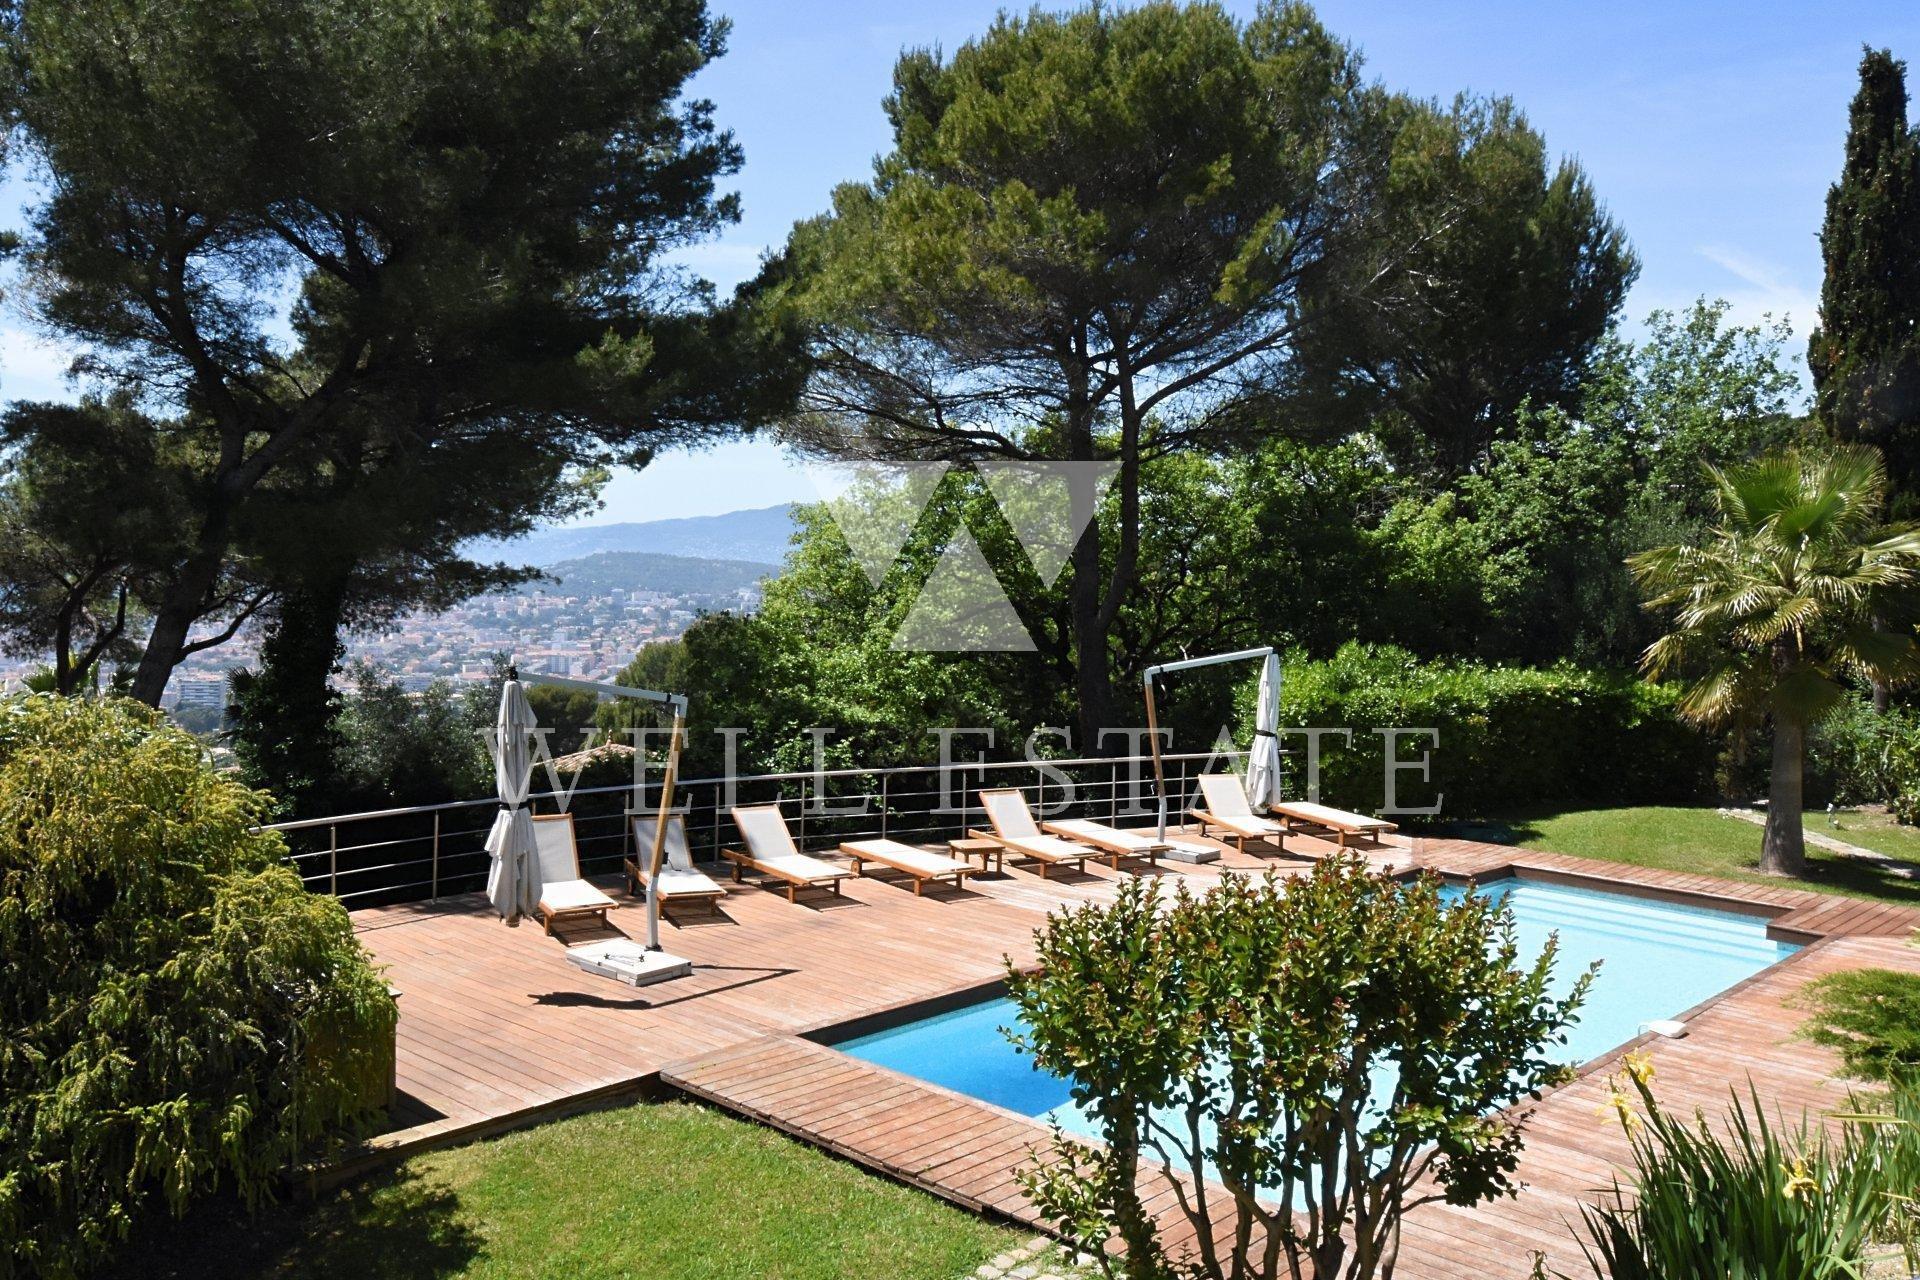 季节性出租 别墅 - 戛納 (Cannes)